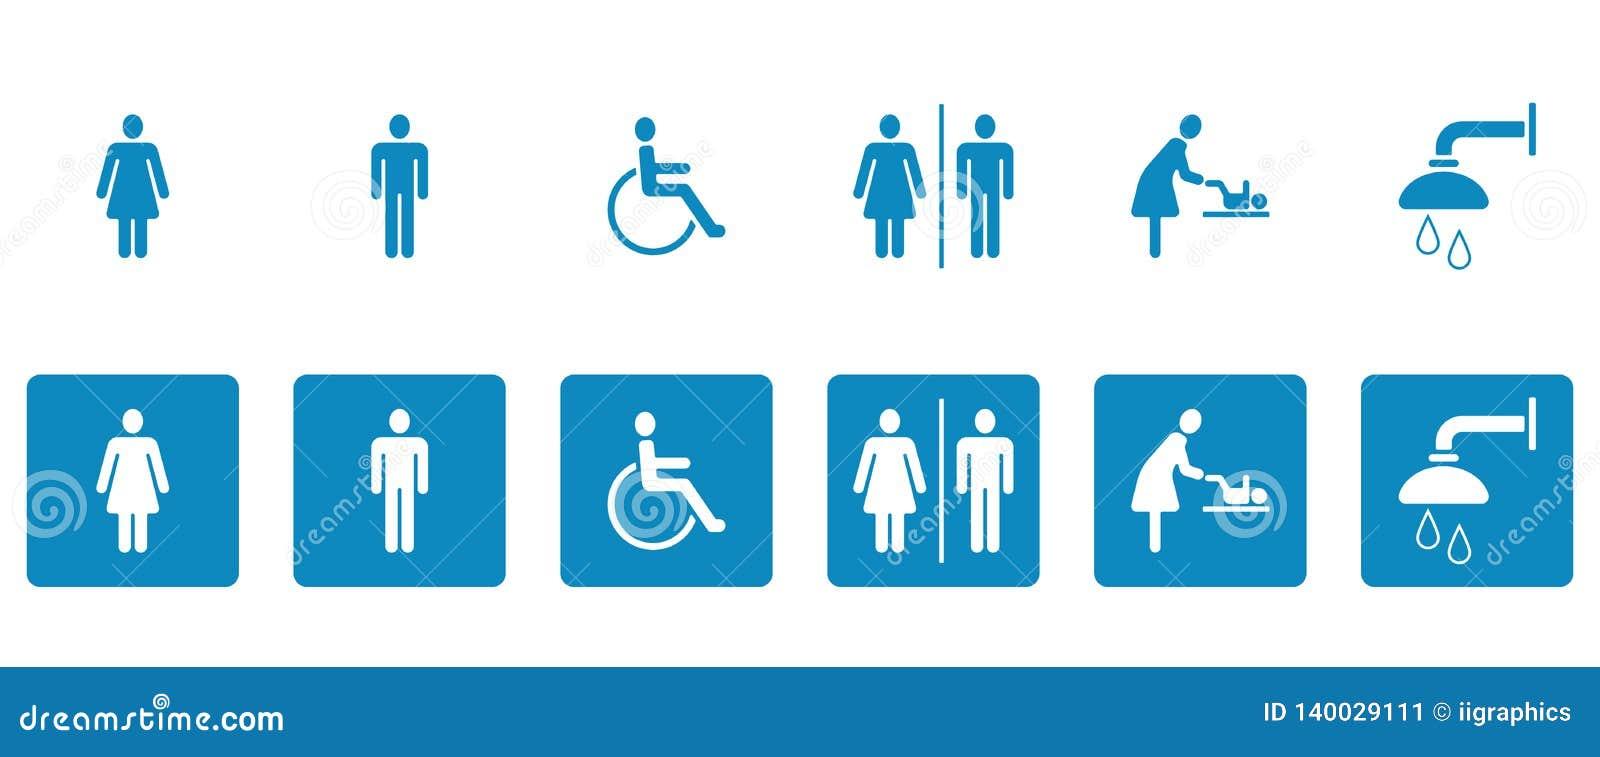 Εικονογράμματα WC & τουαλετών - Iconset